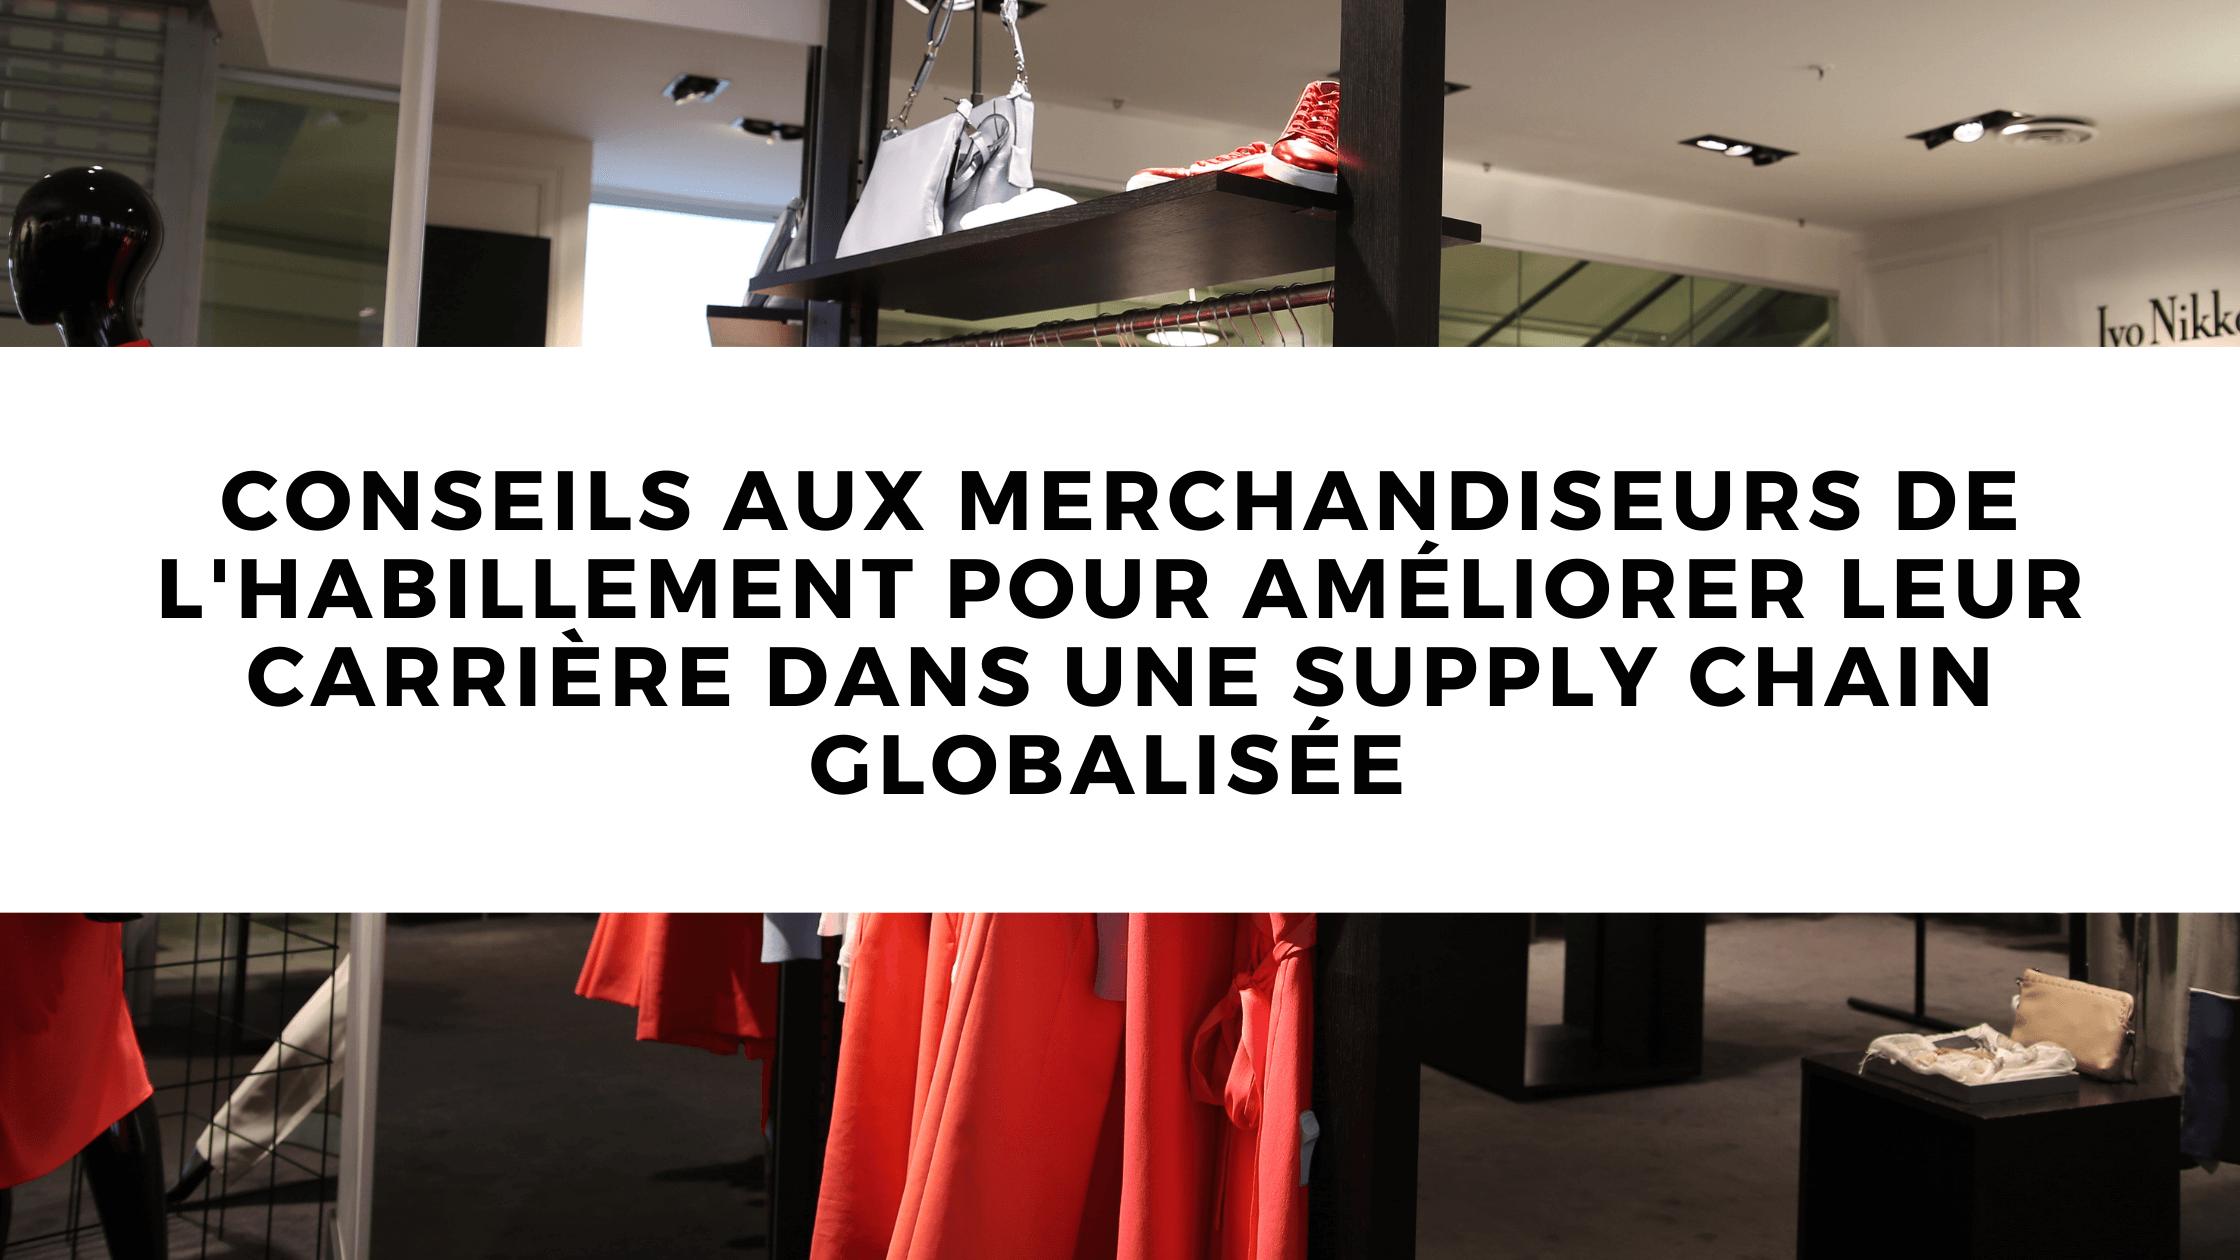 Conseils aux merchandiseurs de vêtements pour améliorer leur carrière dans une supply chain globalisée